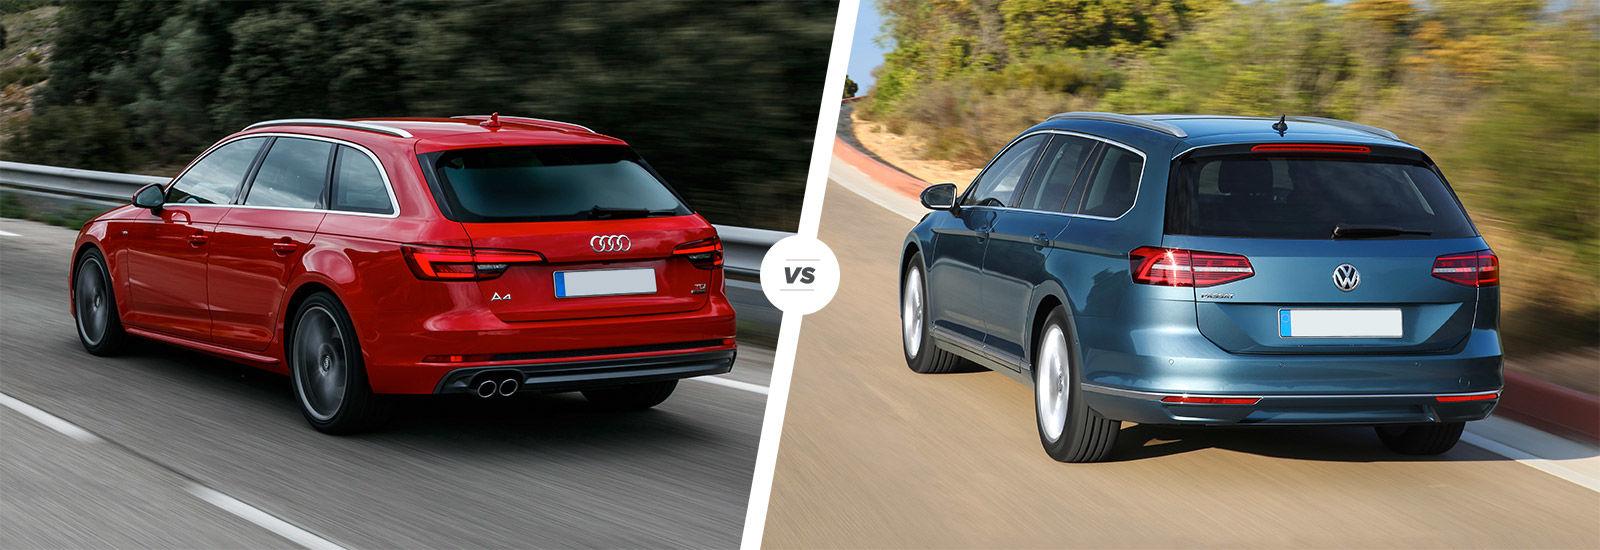 Audi A4 Avant Vs Vw Passat Estate Comparison Carwow